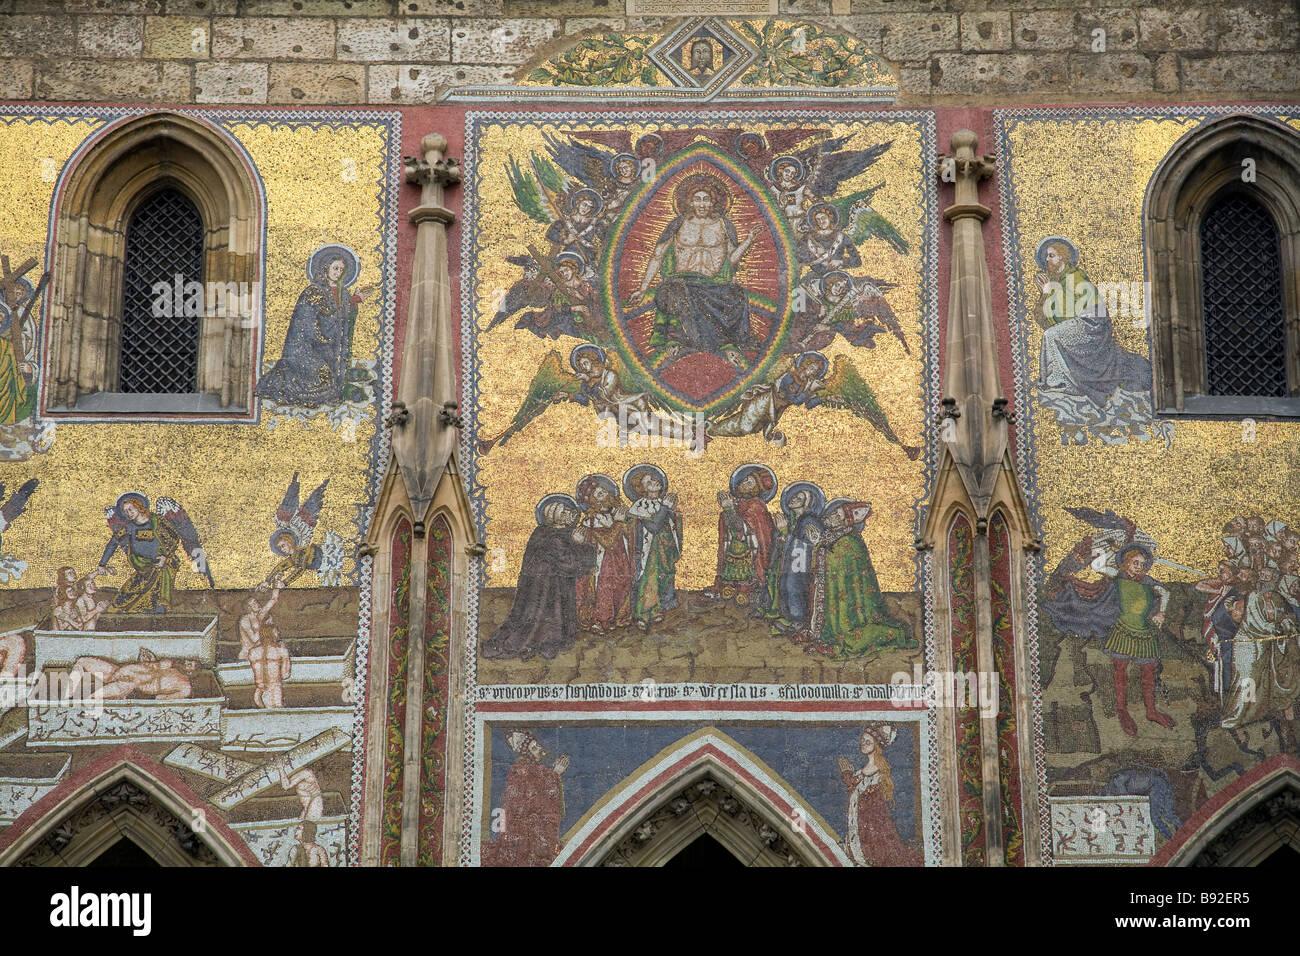 Arte religiosa nel Castello di Praga Prazsky Hrad precinct Praga Repubblica Ceca Immagini Stock